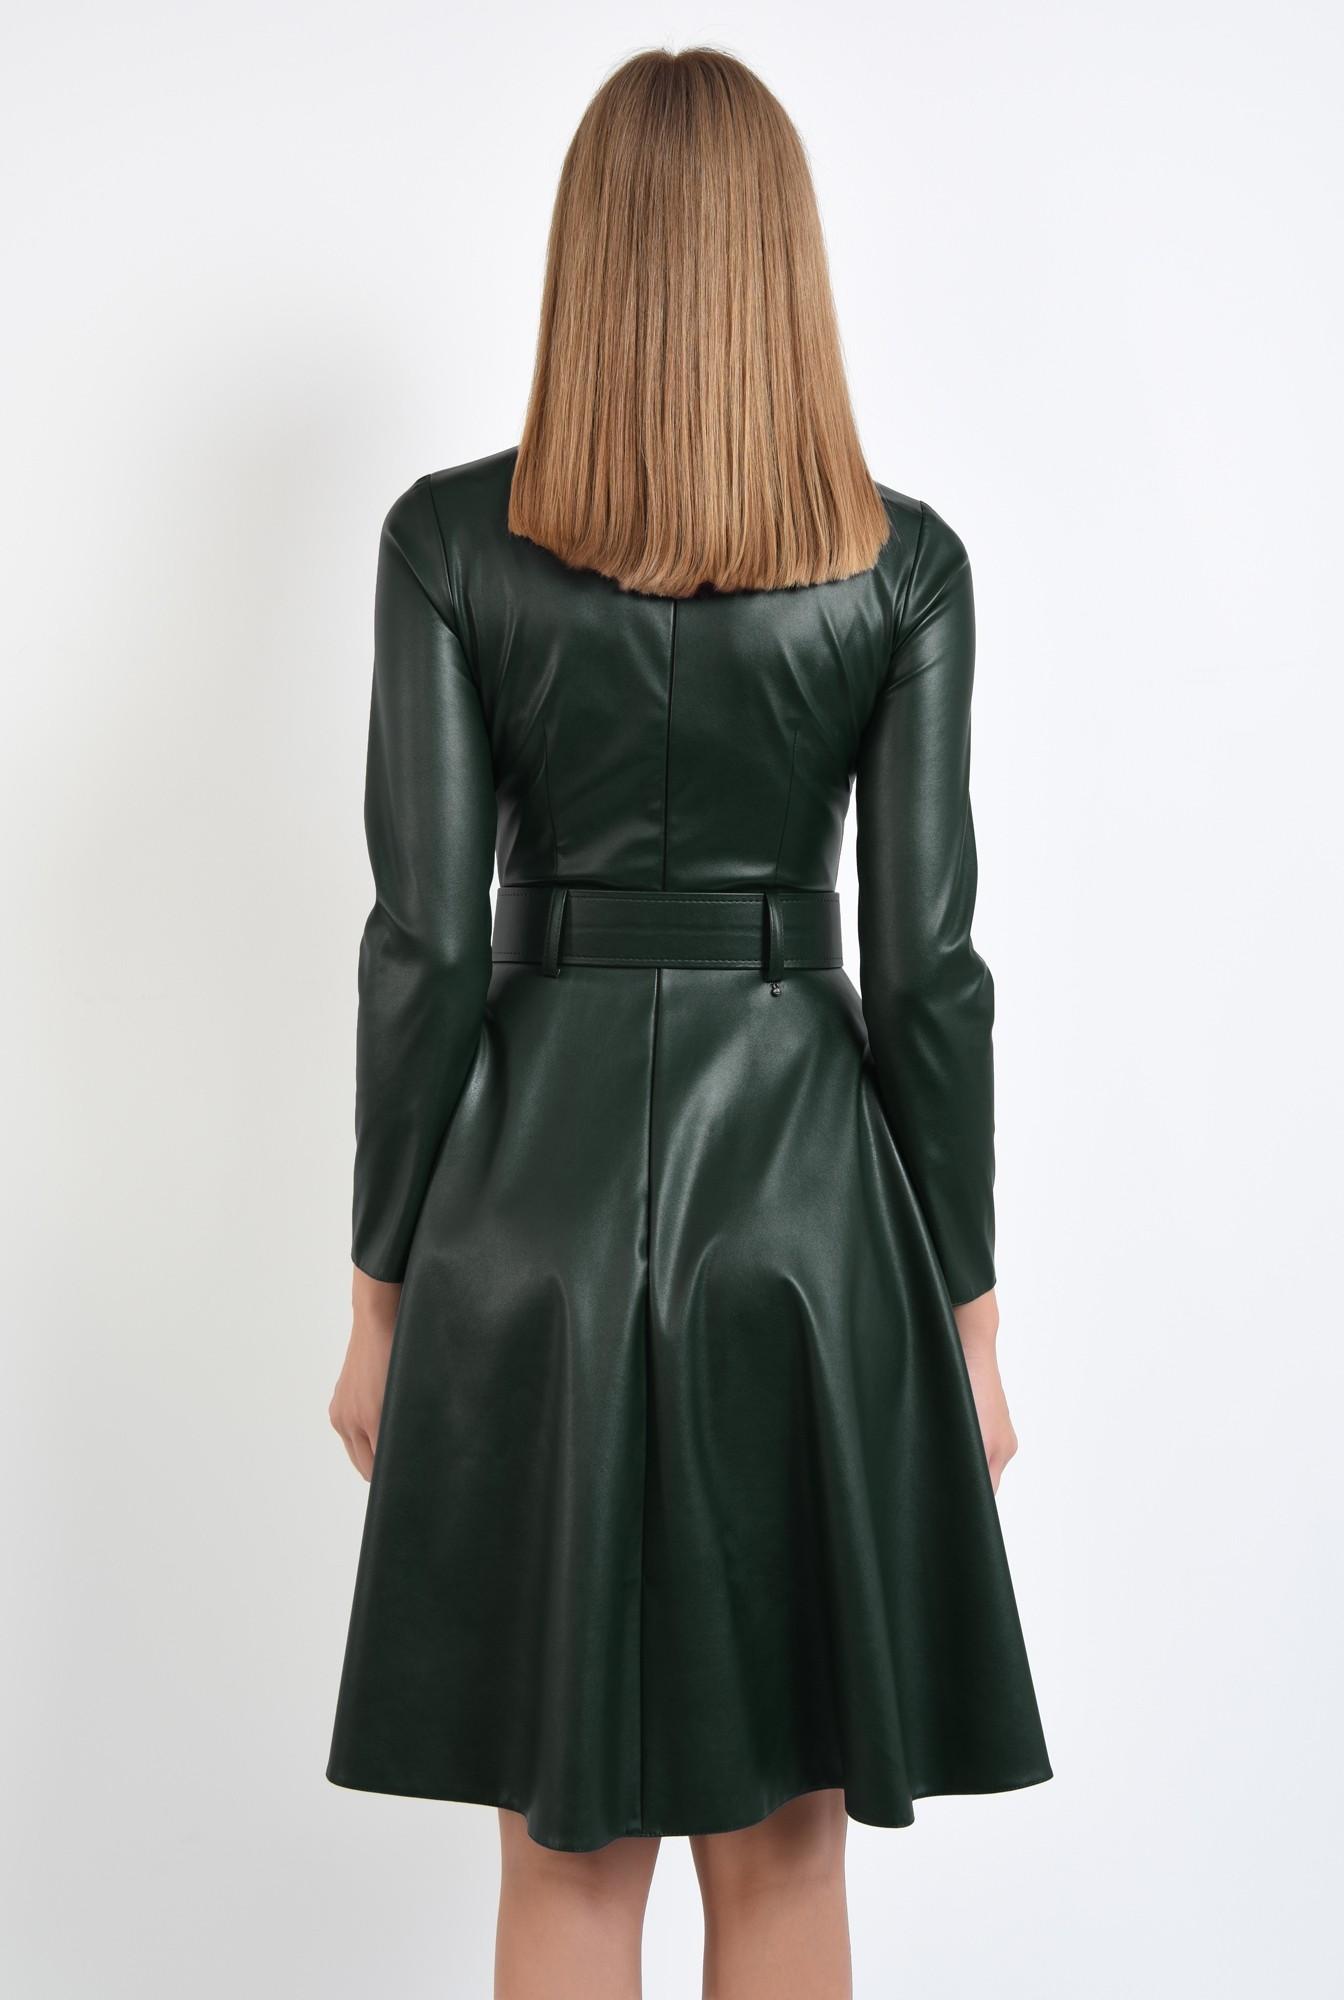 1 - rochie casual verde, centura, cambrata, fermoar la spate, rochii online